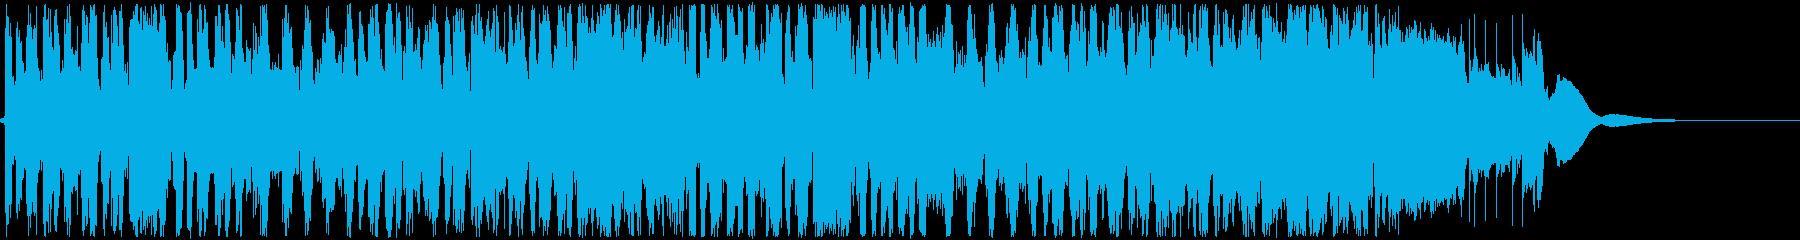 煌びやかなフュージョン ShortVerの再生済みの波形